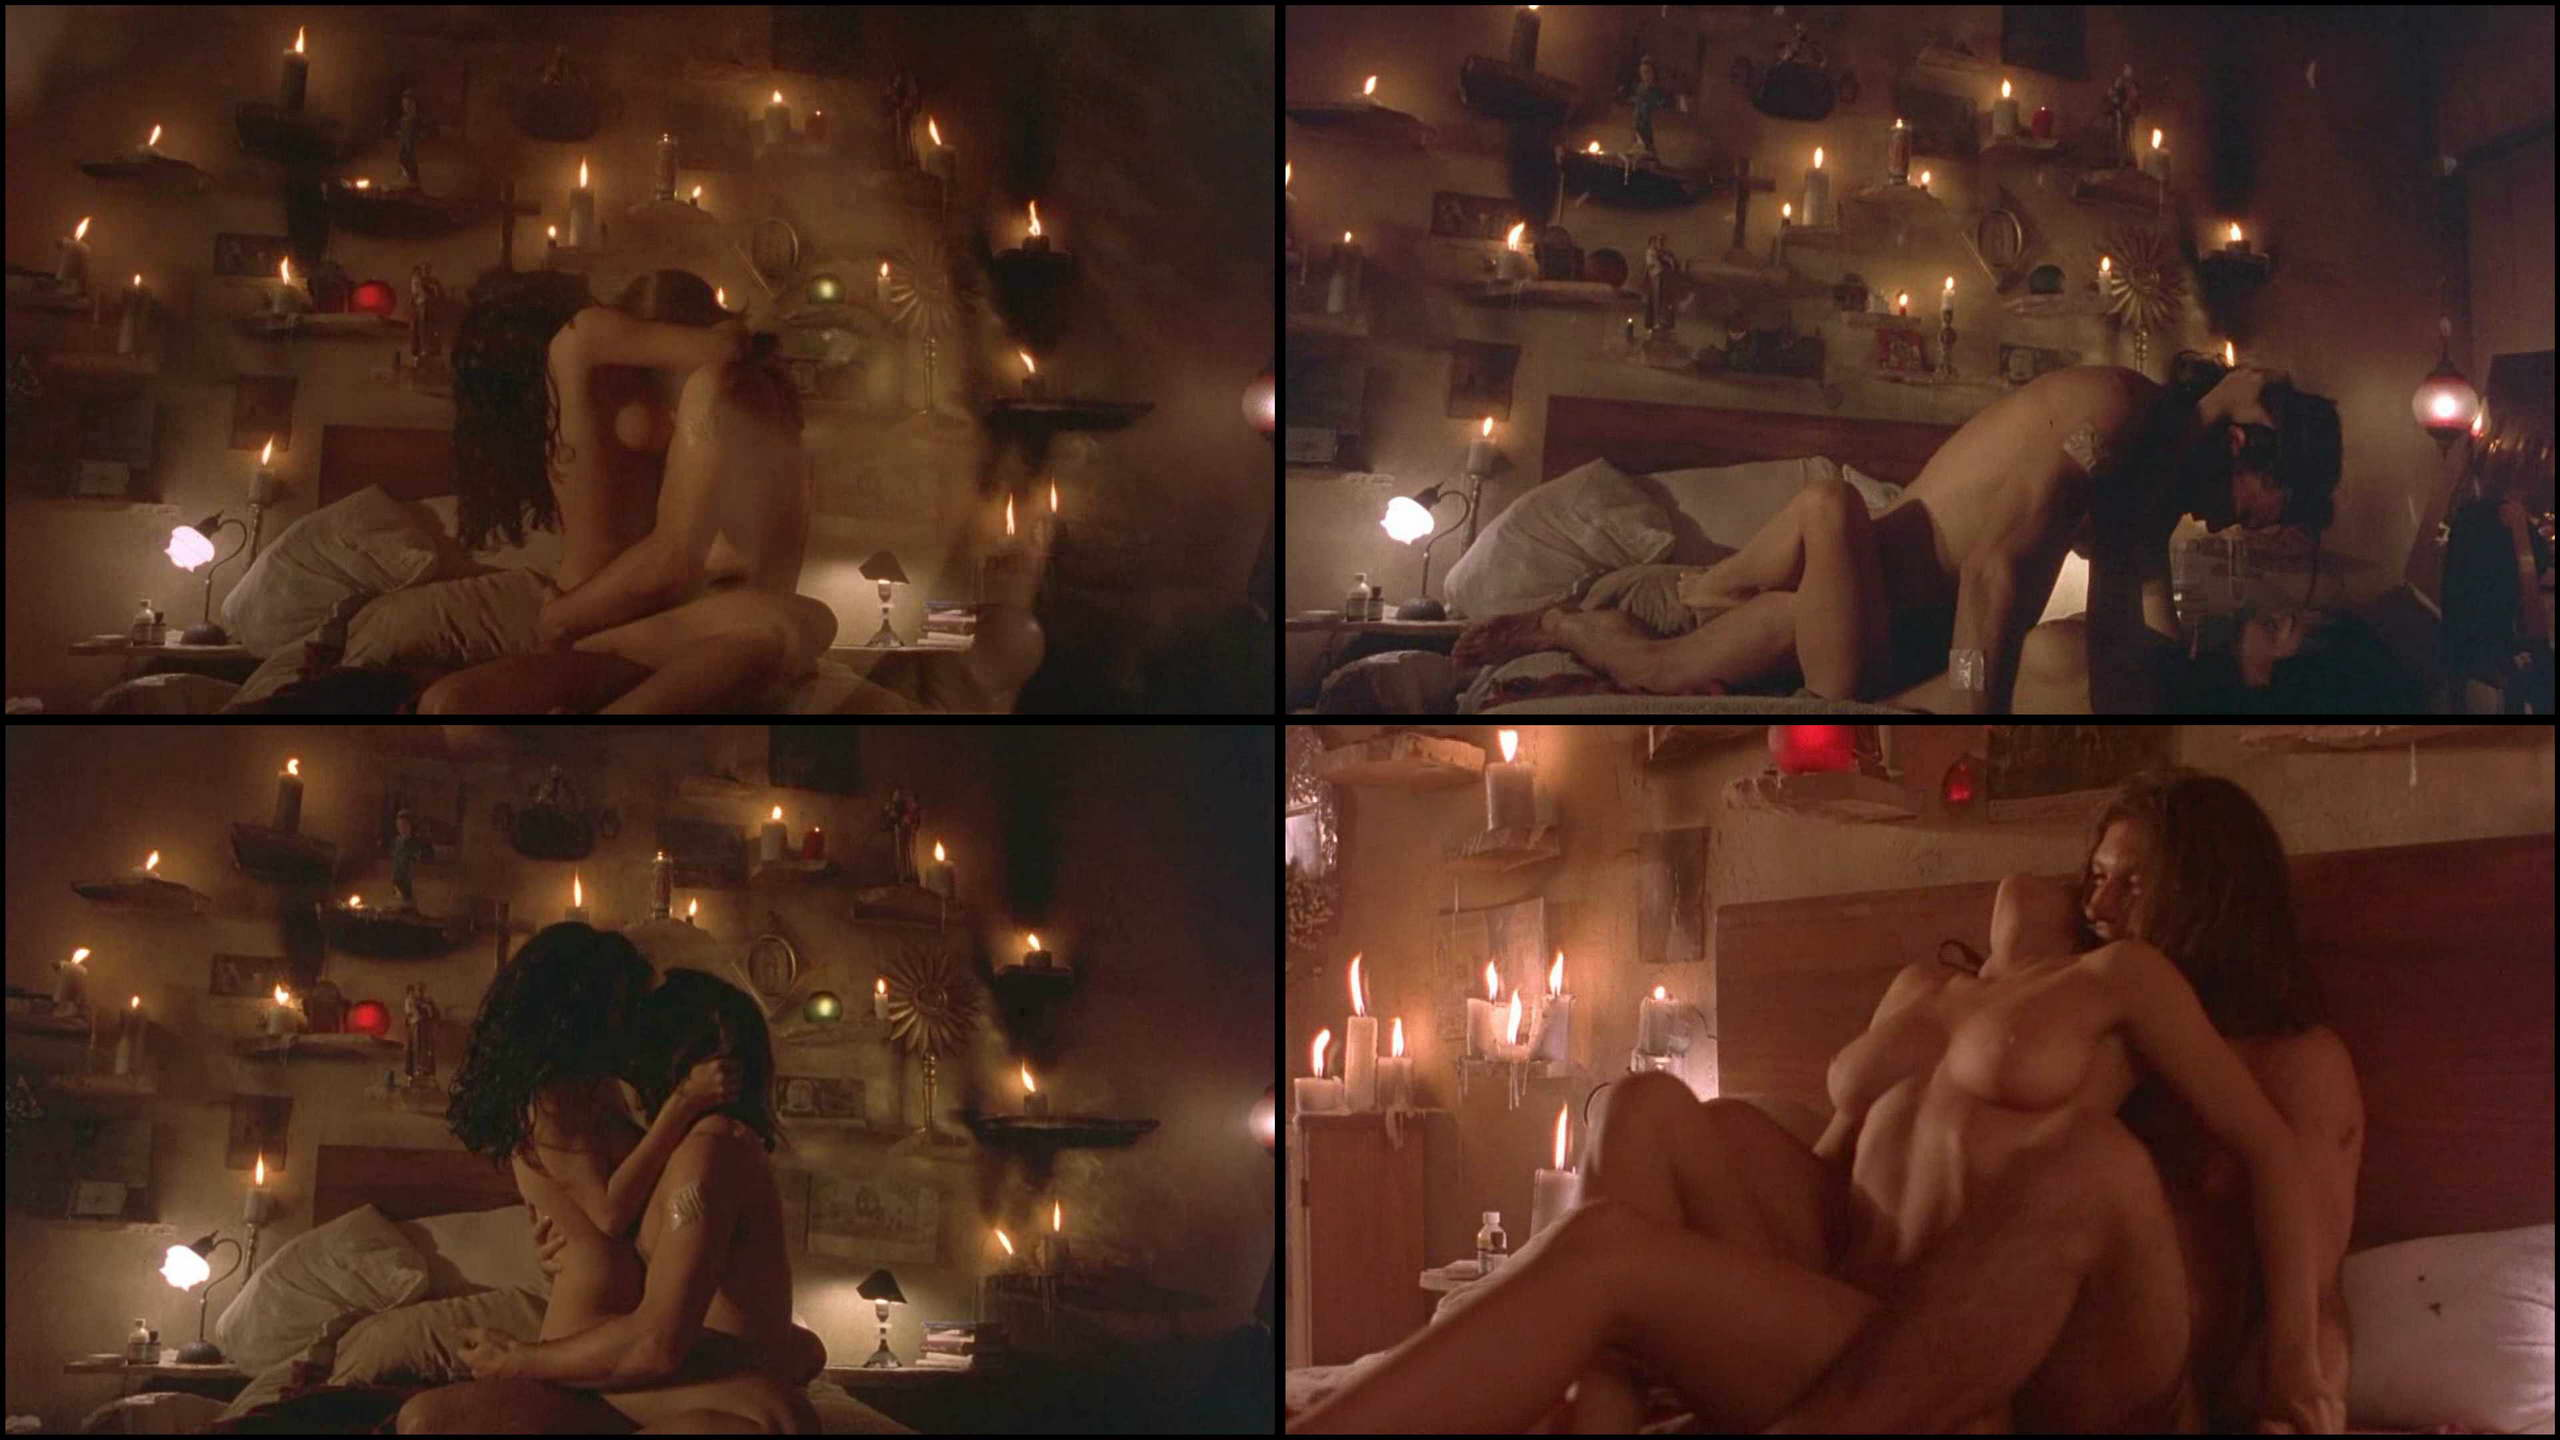 Скандальное шокирующее эротическое кино смотреть онлайн, проститутки на час цены